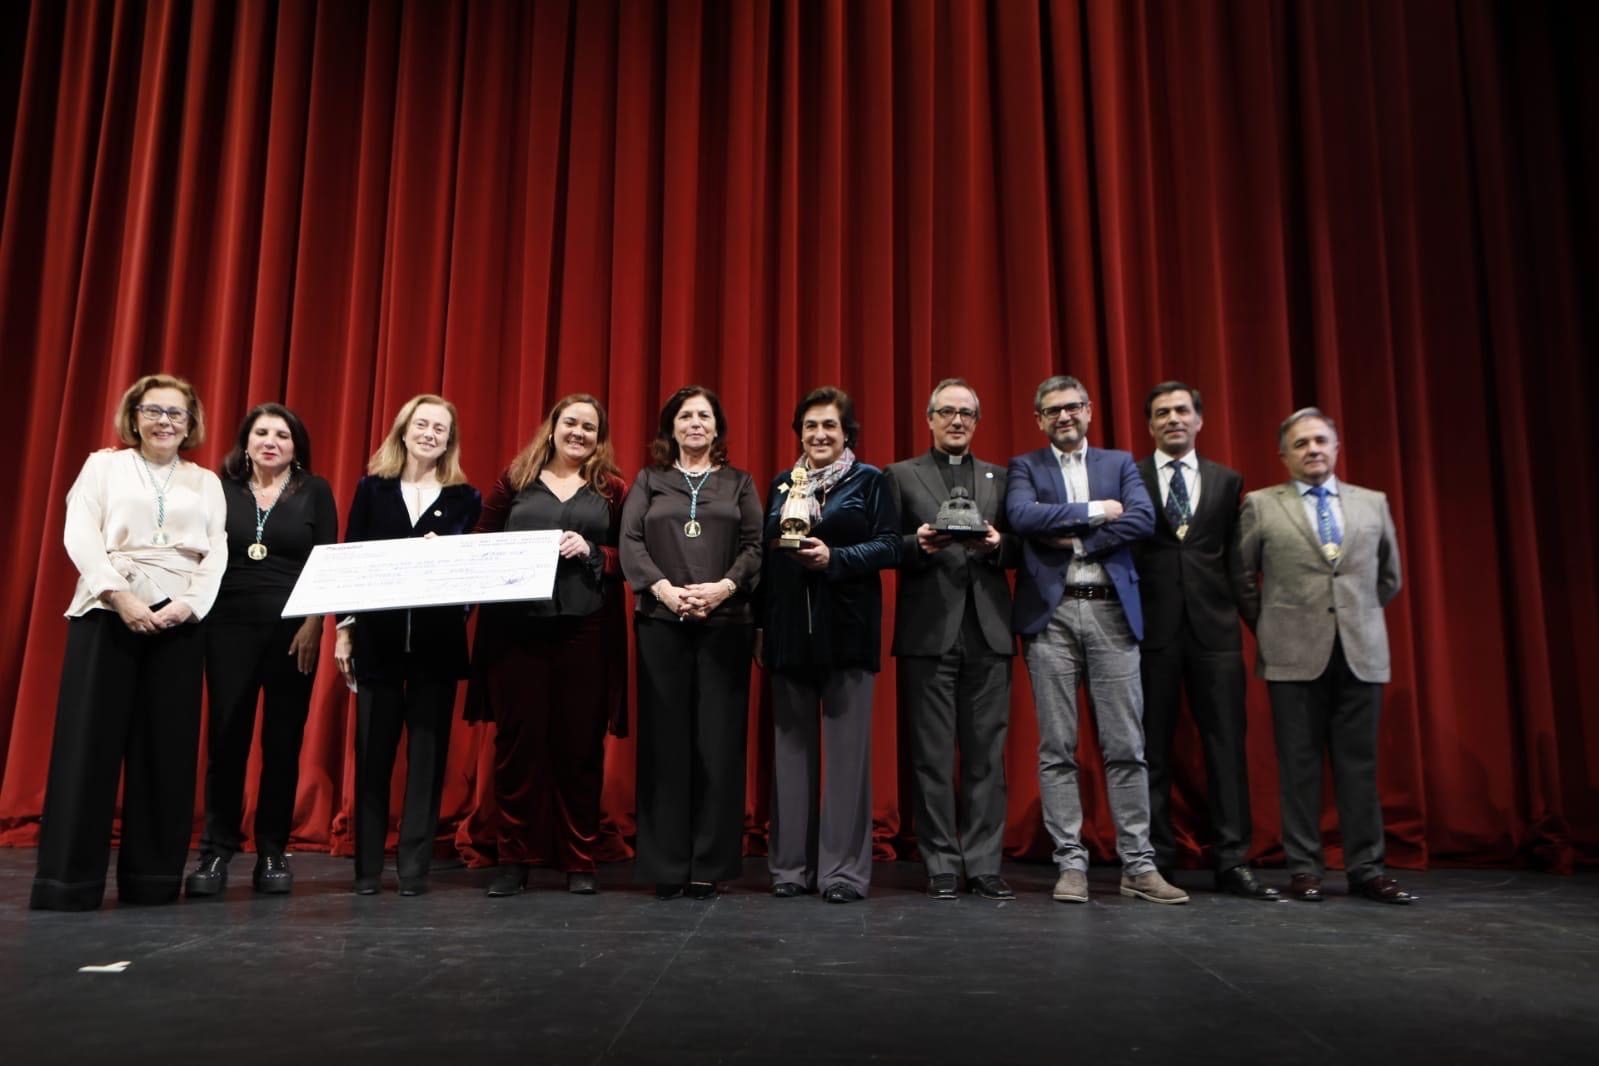 La Hospitalidad de Lourdes recibe el Premio de la Paz a los Valores Humanos 2020